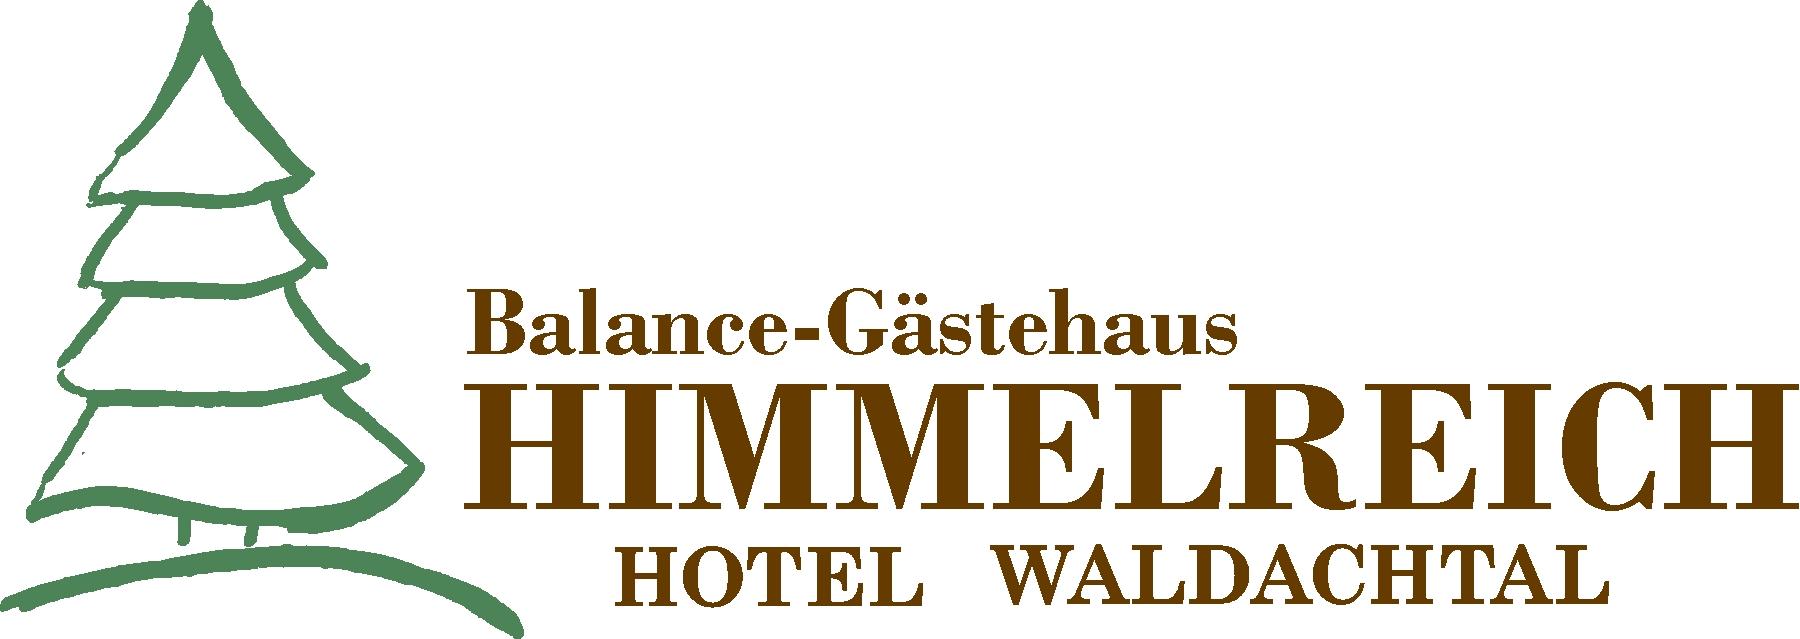 Schnäppchen Angebot Hotel Himmelreich Schwarzwald